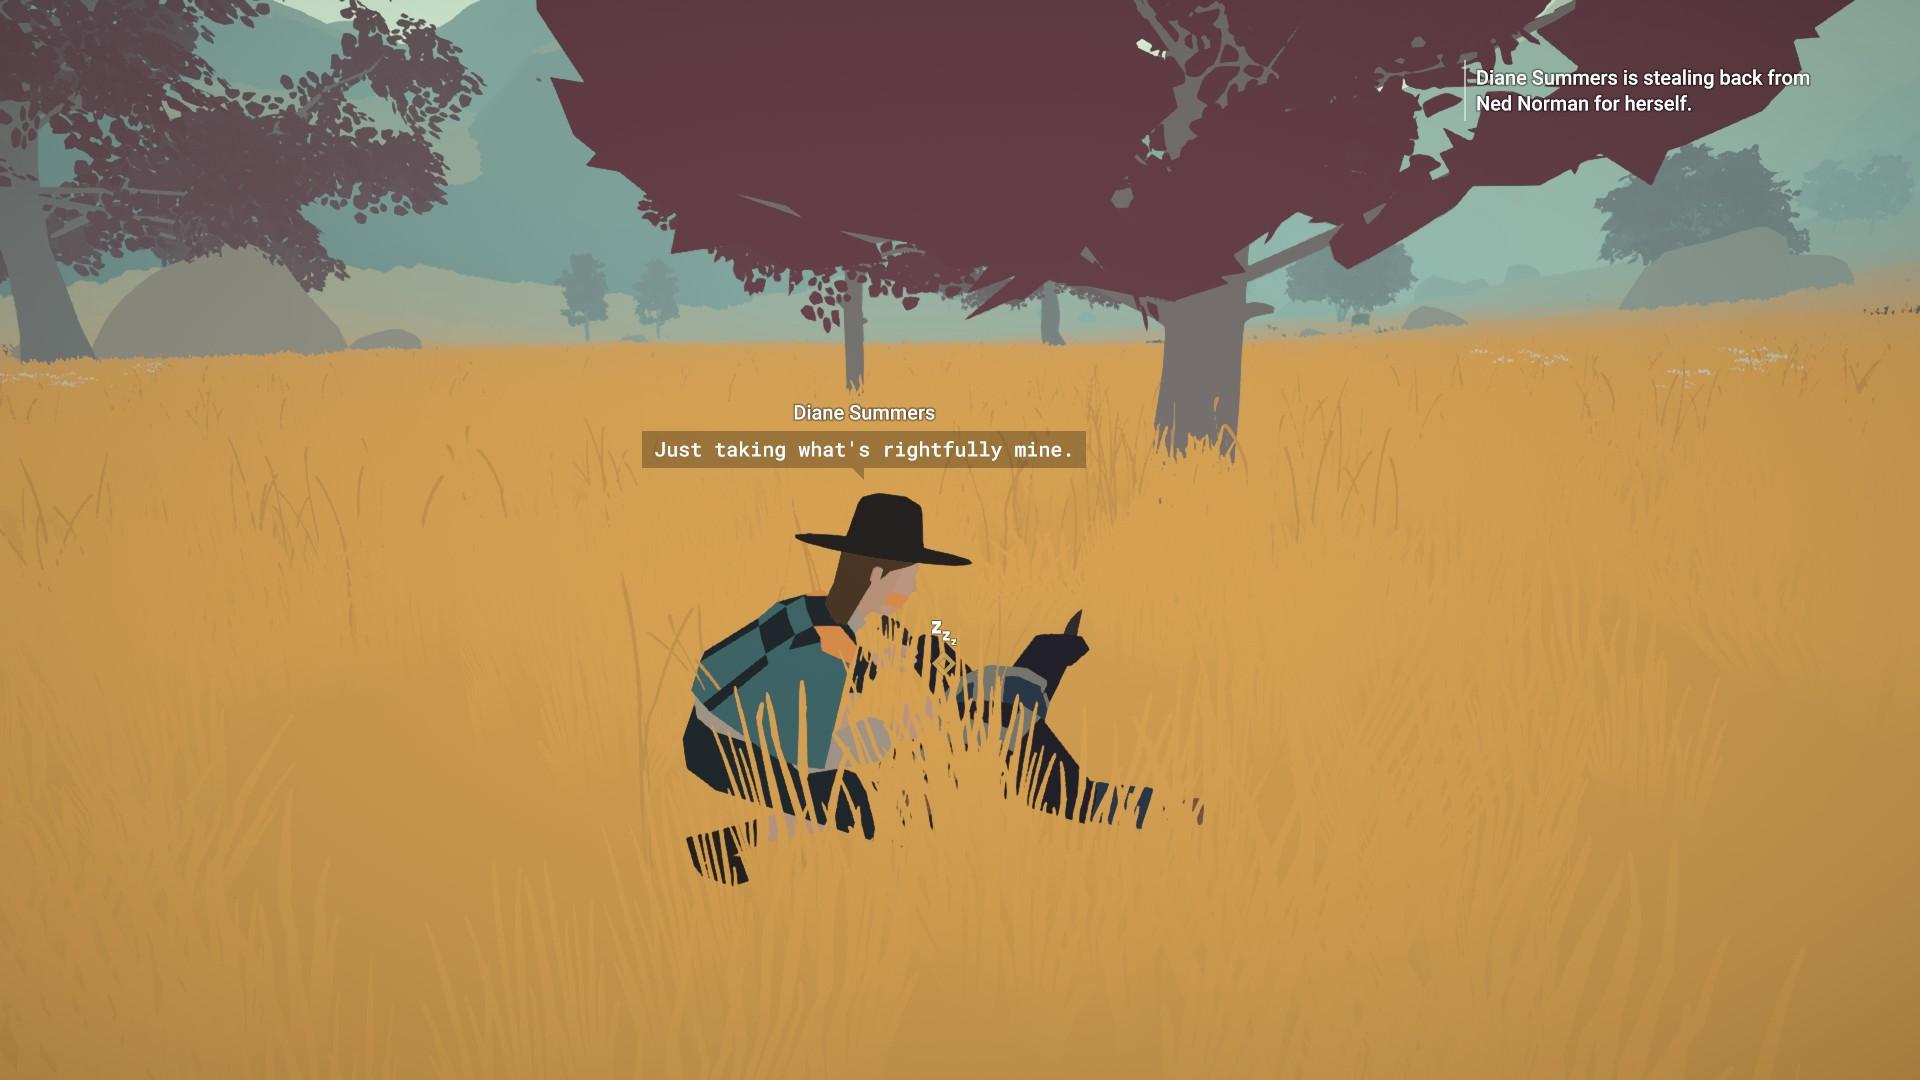 """Diane Summers se agacha sobre un hombre inconsciente en la hierba.  Ella dice: """"Solo tomando lo que por derecho es mío."""""""